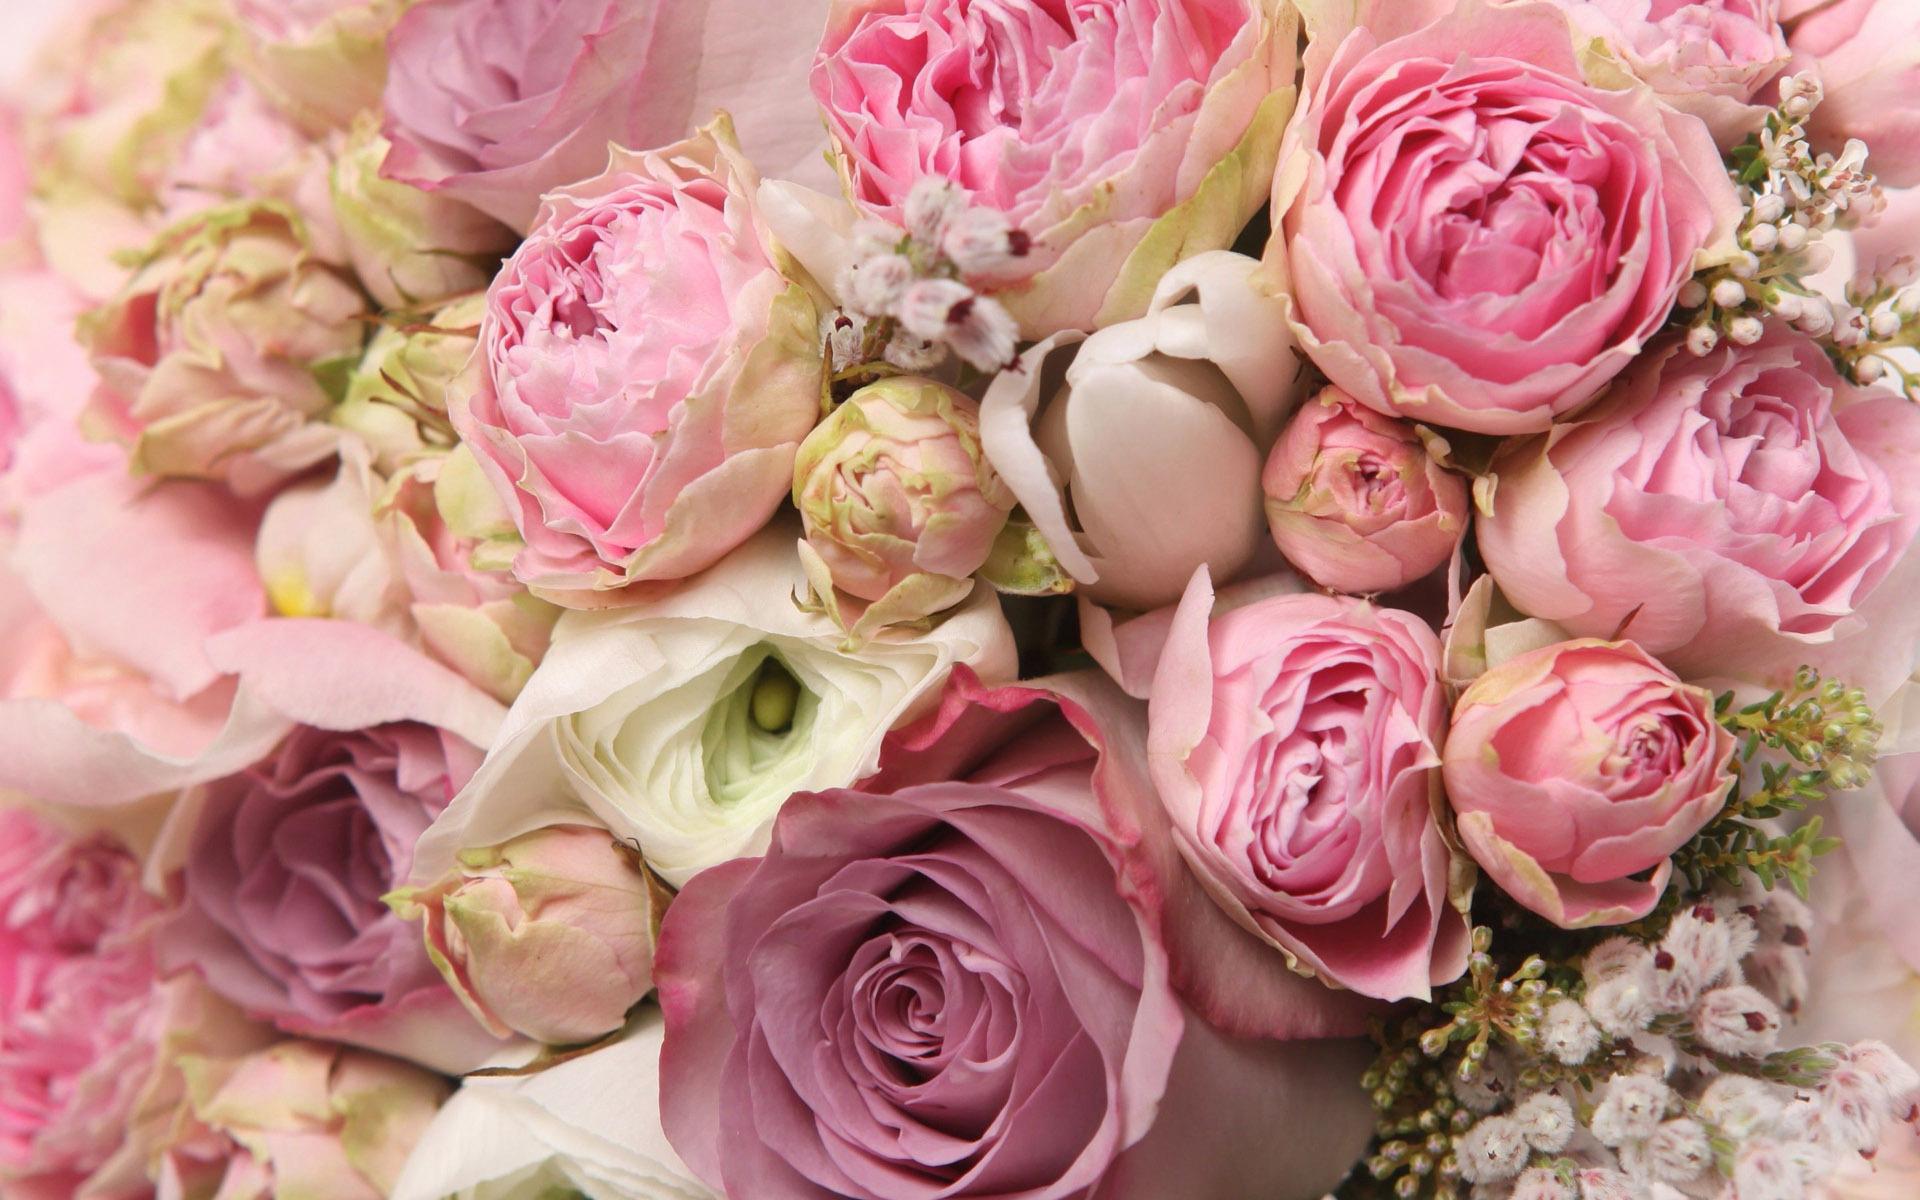 место четкие картинки с цветами поможет другим